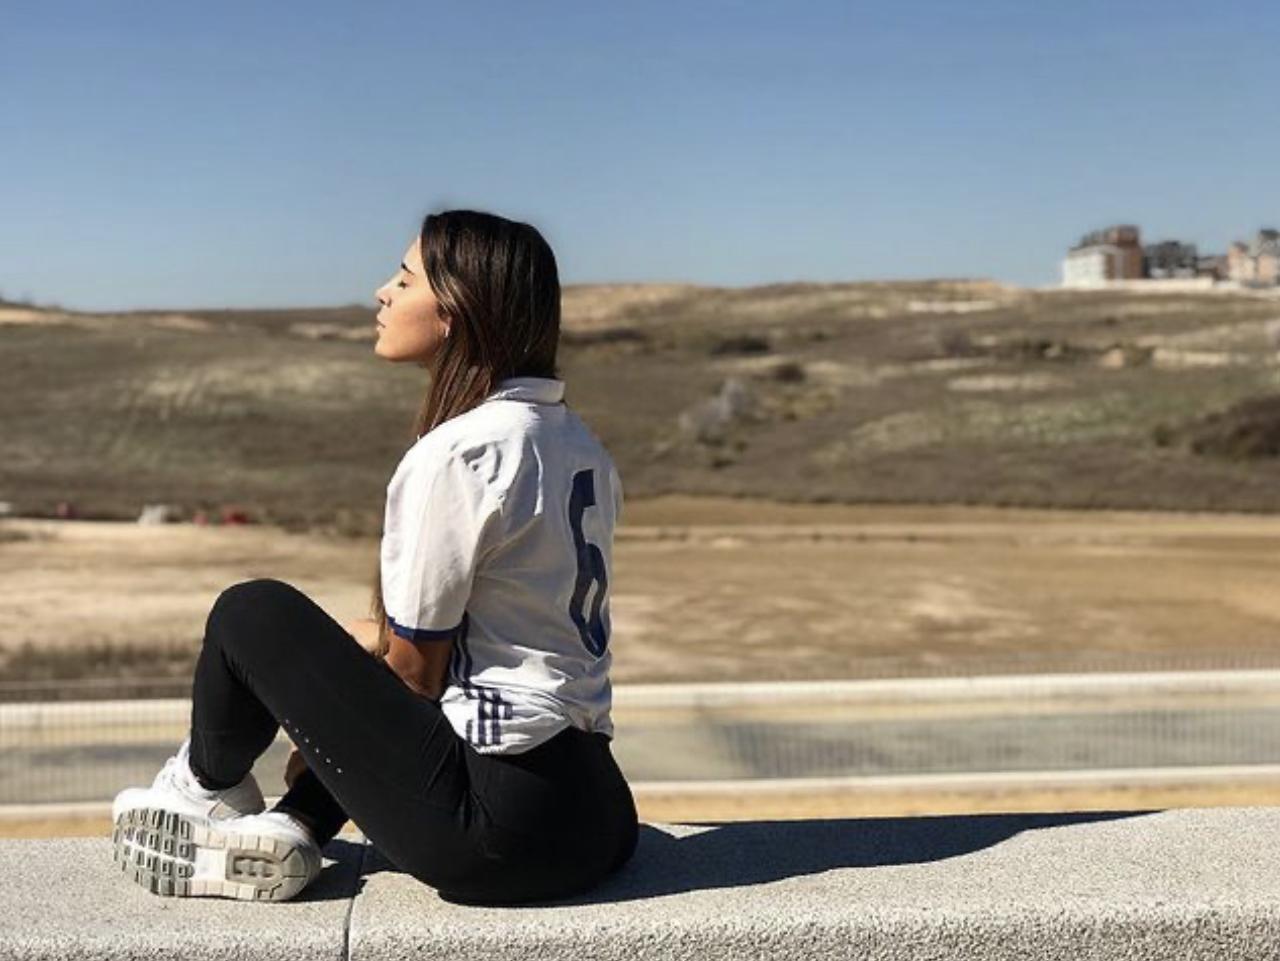 Мина Бонино — аргентинская журналистка и подруга хавбека мадридского «Реала» Федерико Вальверде